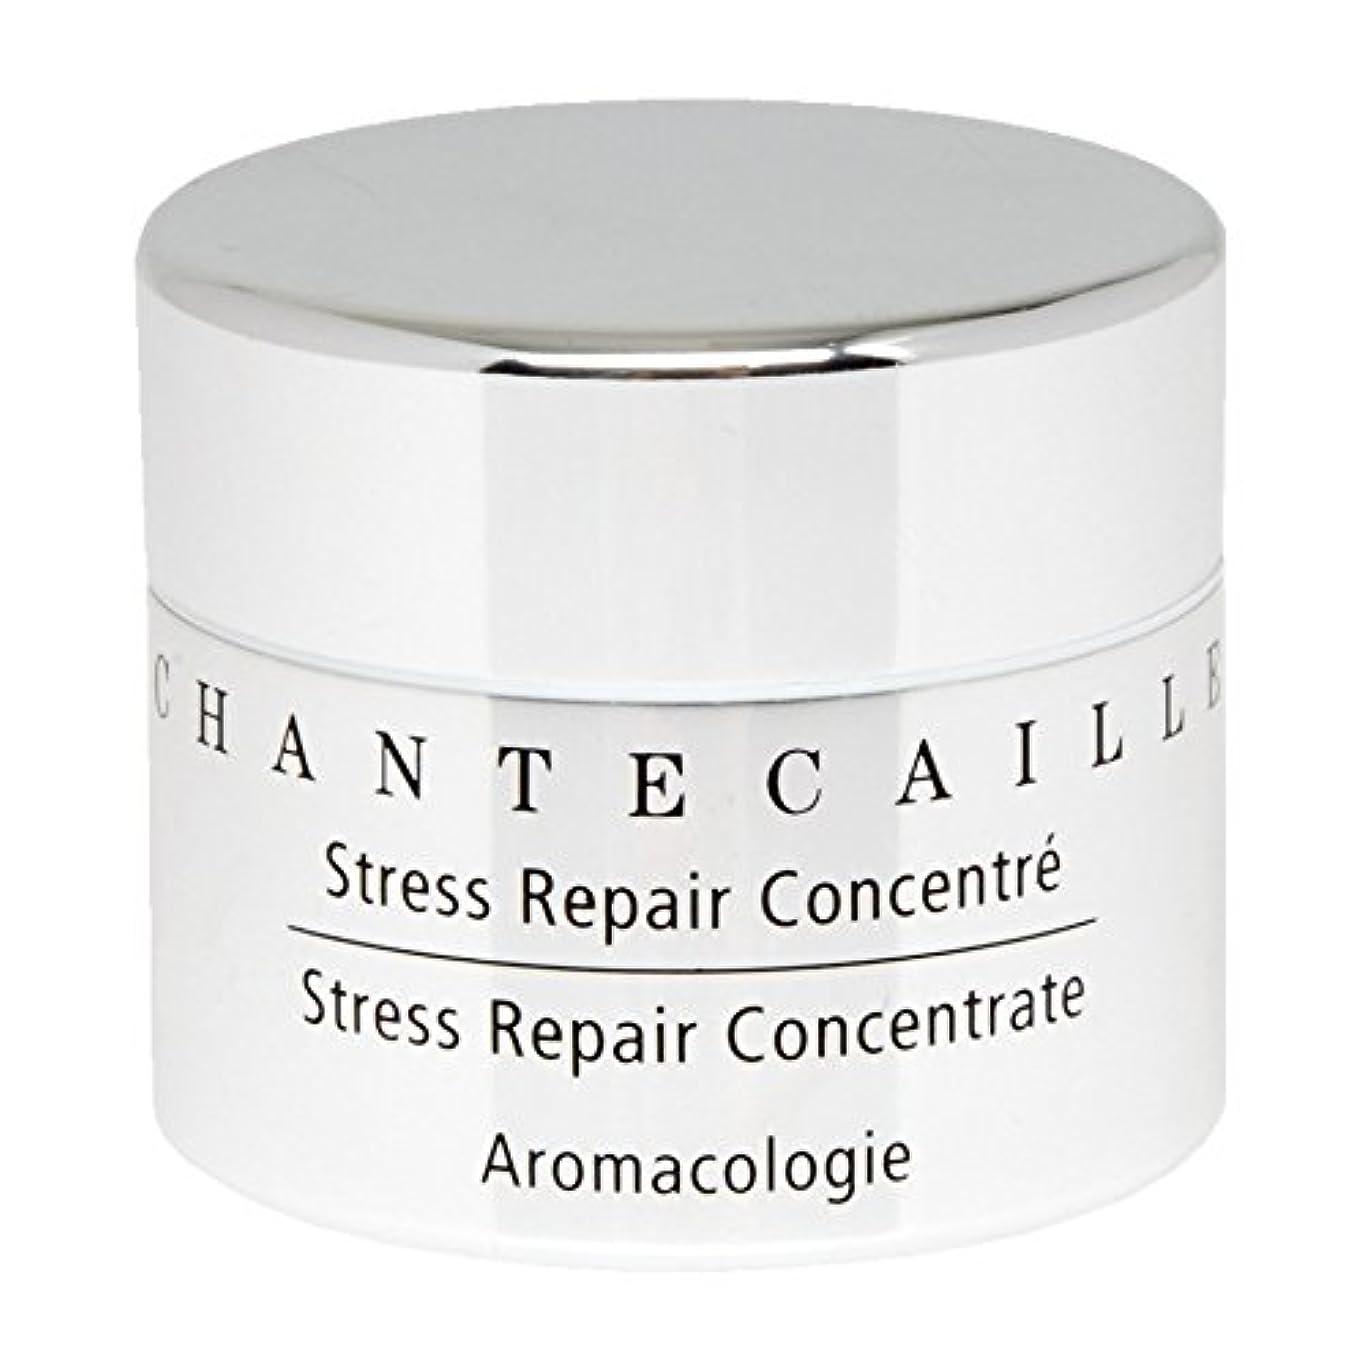 洞察力のあるスケッチ行Chantecaille Stress Repair Concentrate 15ml (Pack of 6) - シャンテカイユストレス修復濃縮15ミリリットル x6 [並行輸入品]